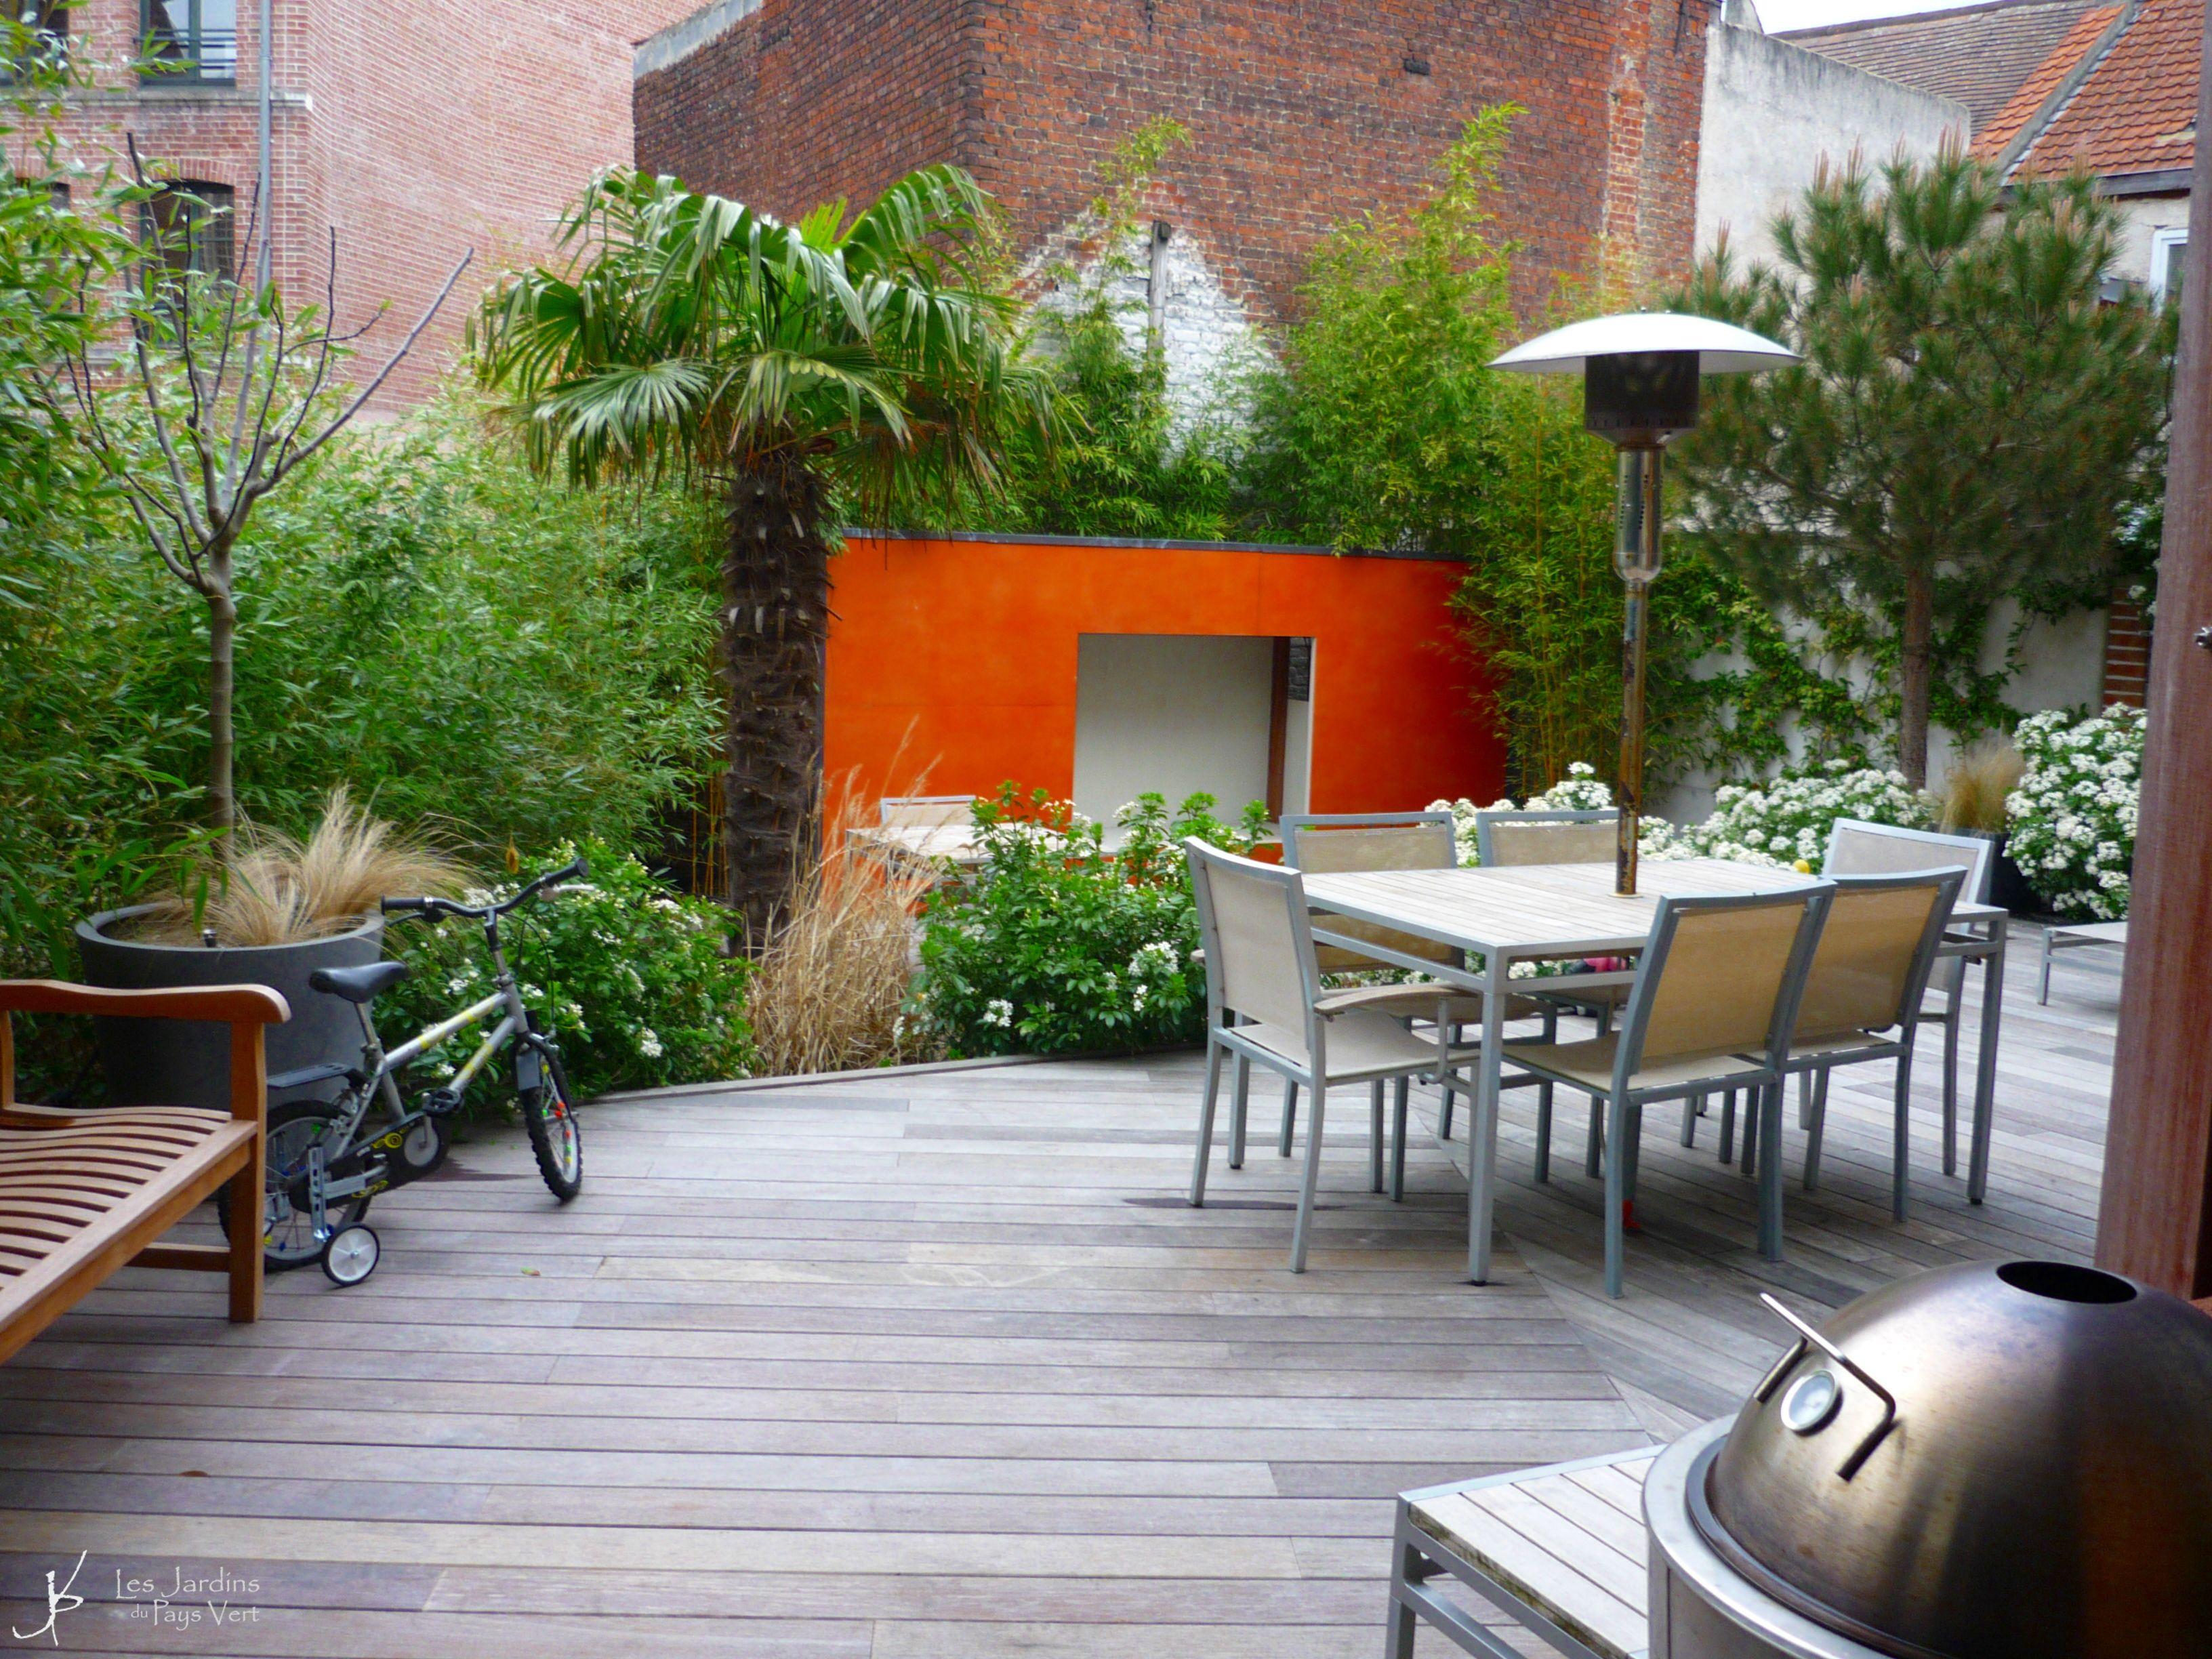 Terrasse noyée dans la verdure dans ce jardin du centre de Lille ...